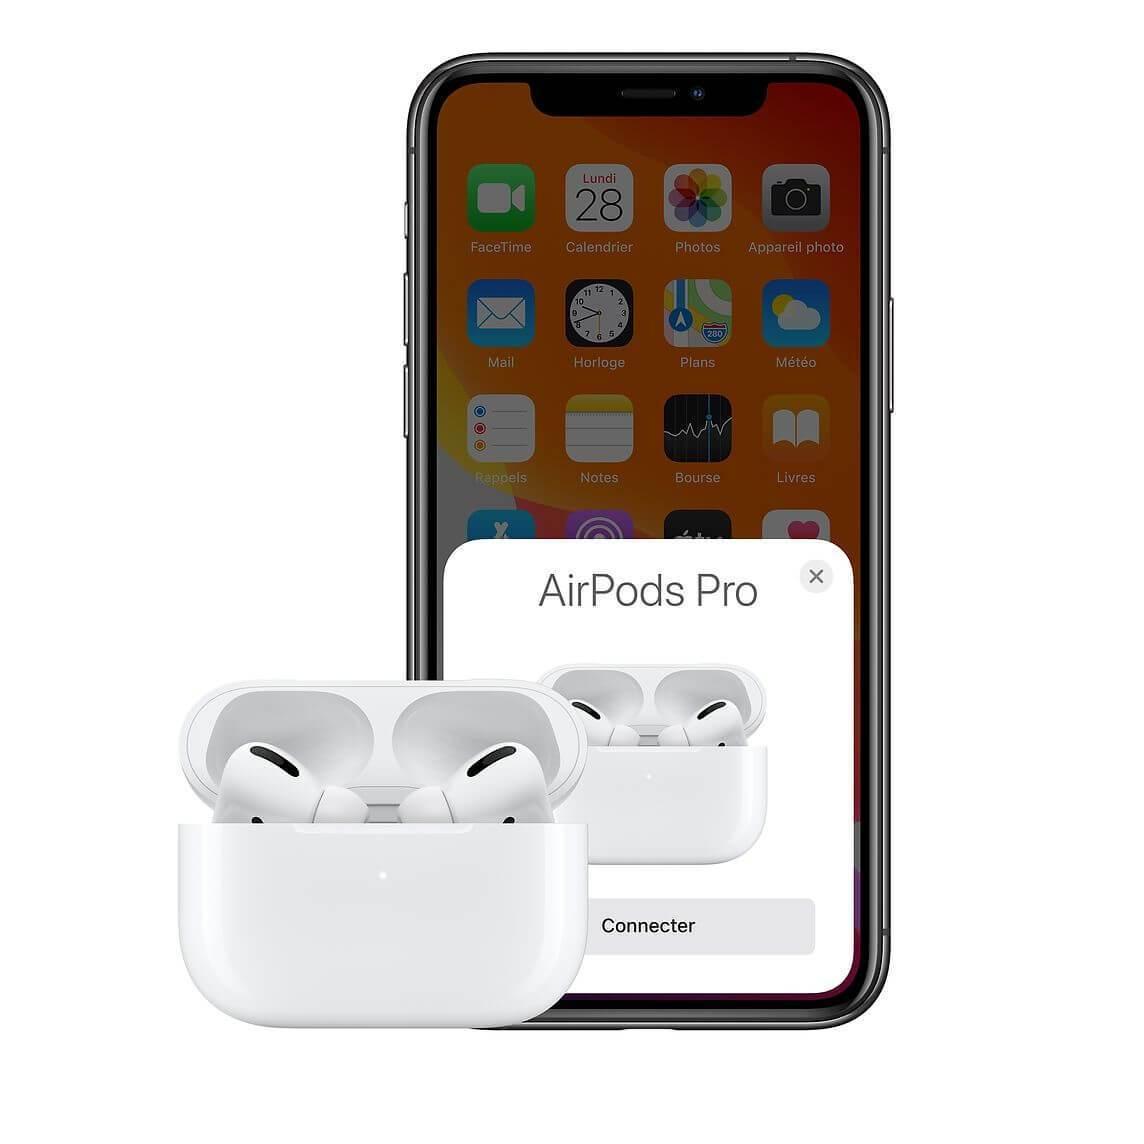 comparatif amsung avec les airpods pro apple